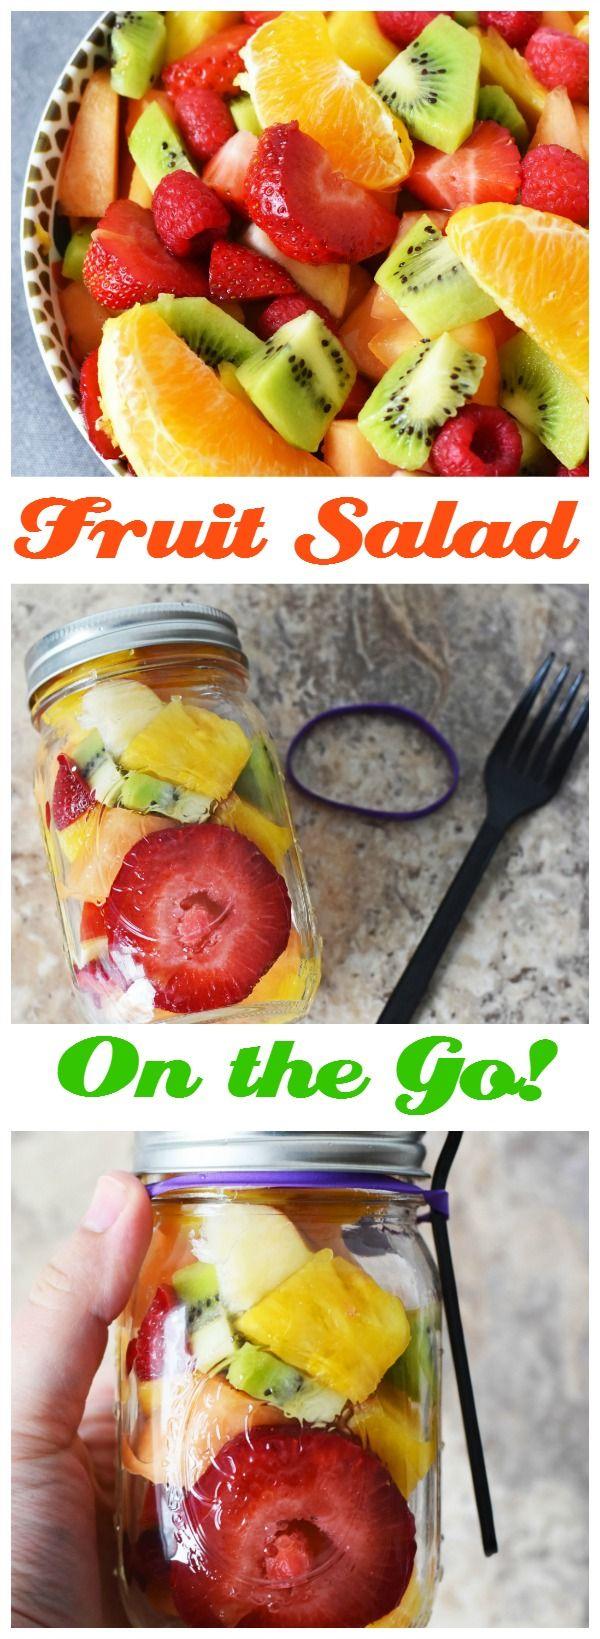 Fruit Salad in a Jar